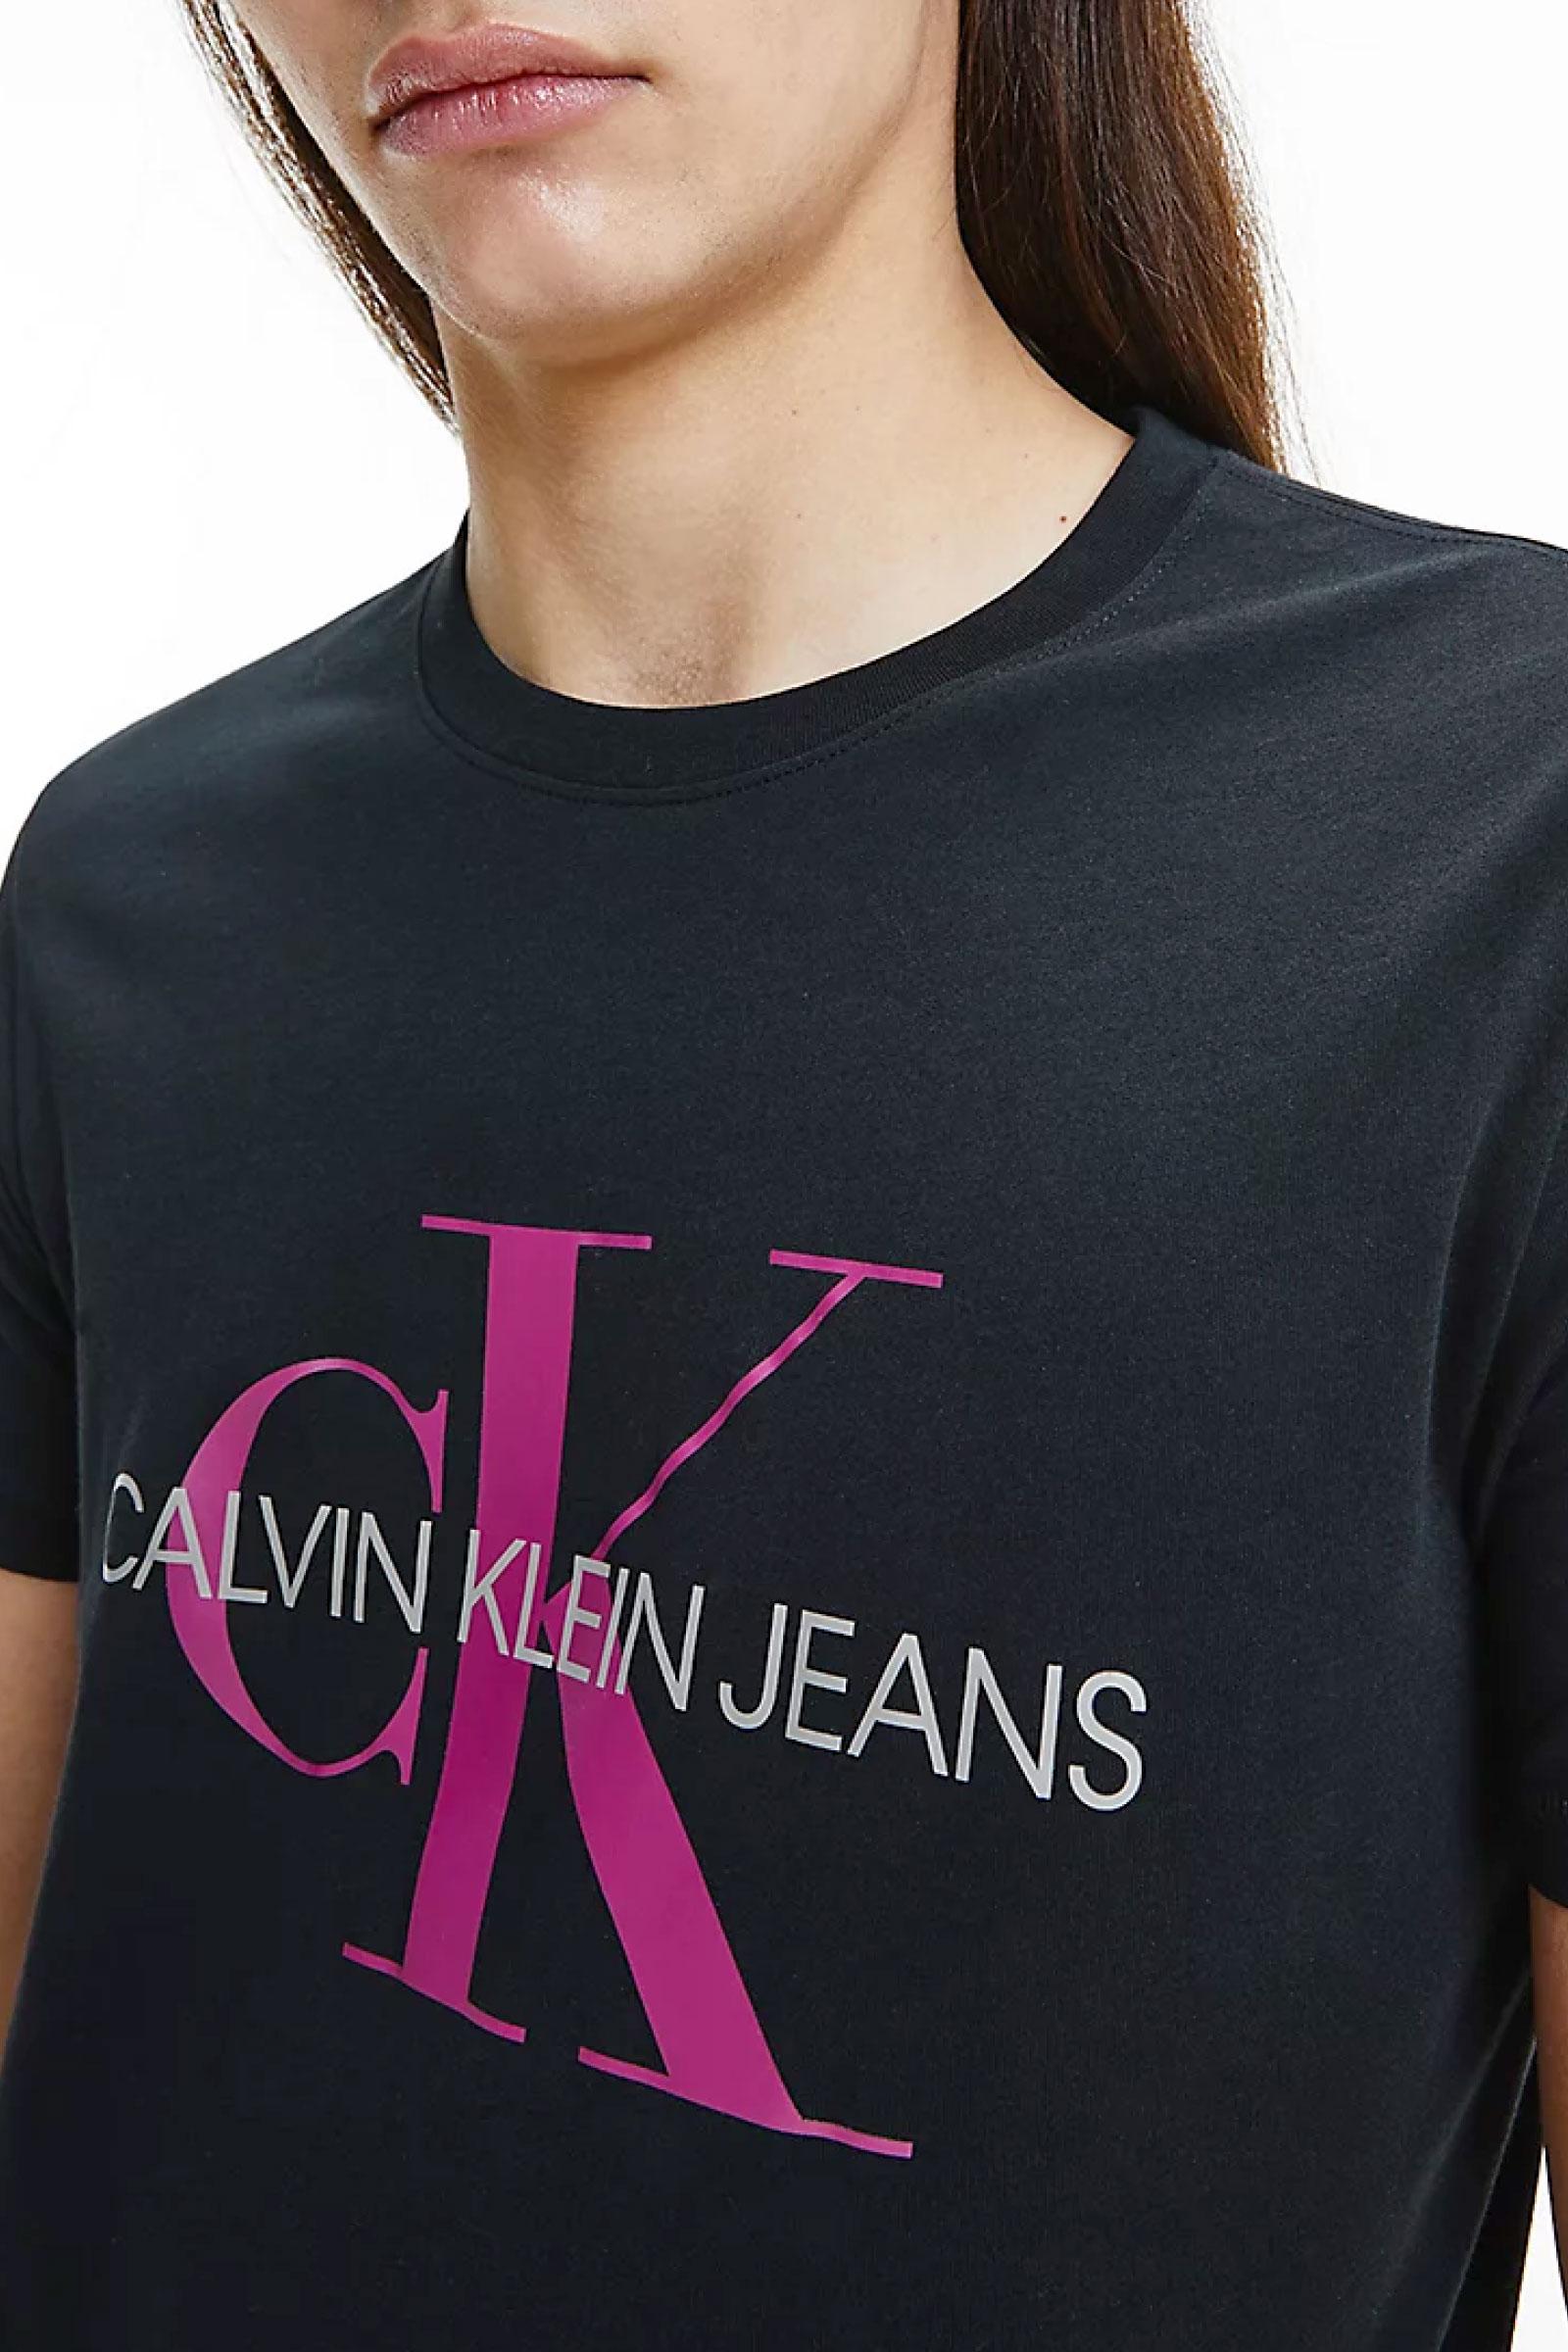 CALVIN KLEIN JEANS | T-Shirt | J30J3170650GO